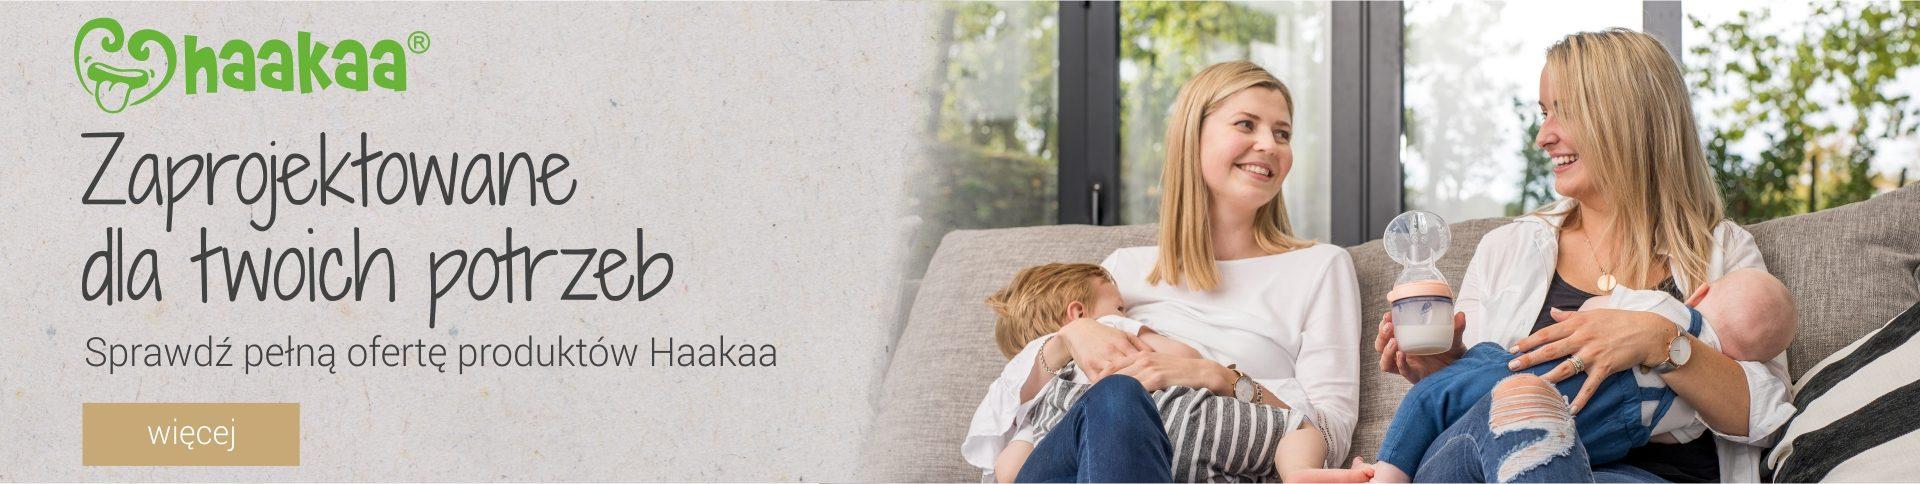 Haakaa - produkty dla Dziecka i Mamy